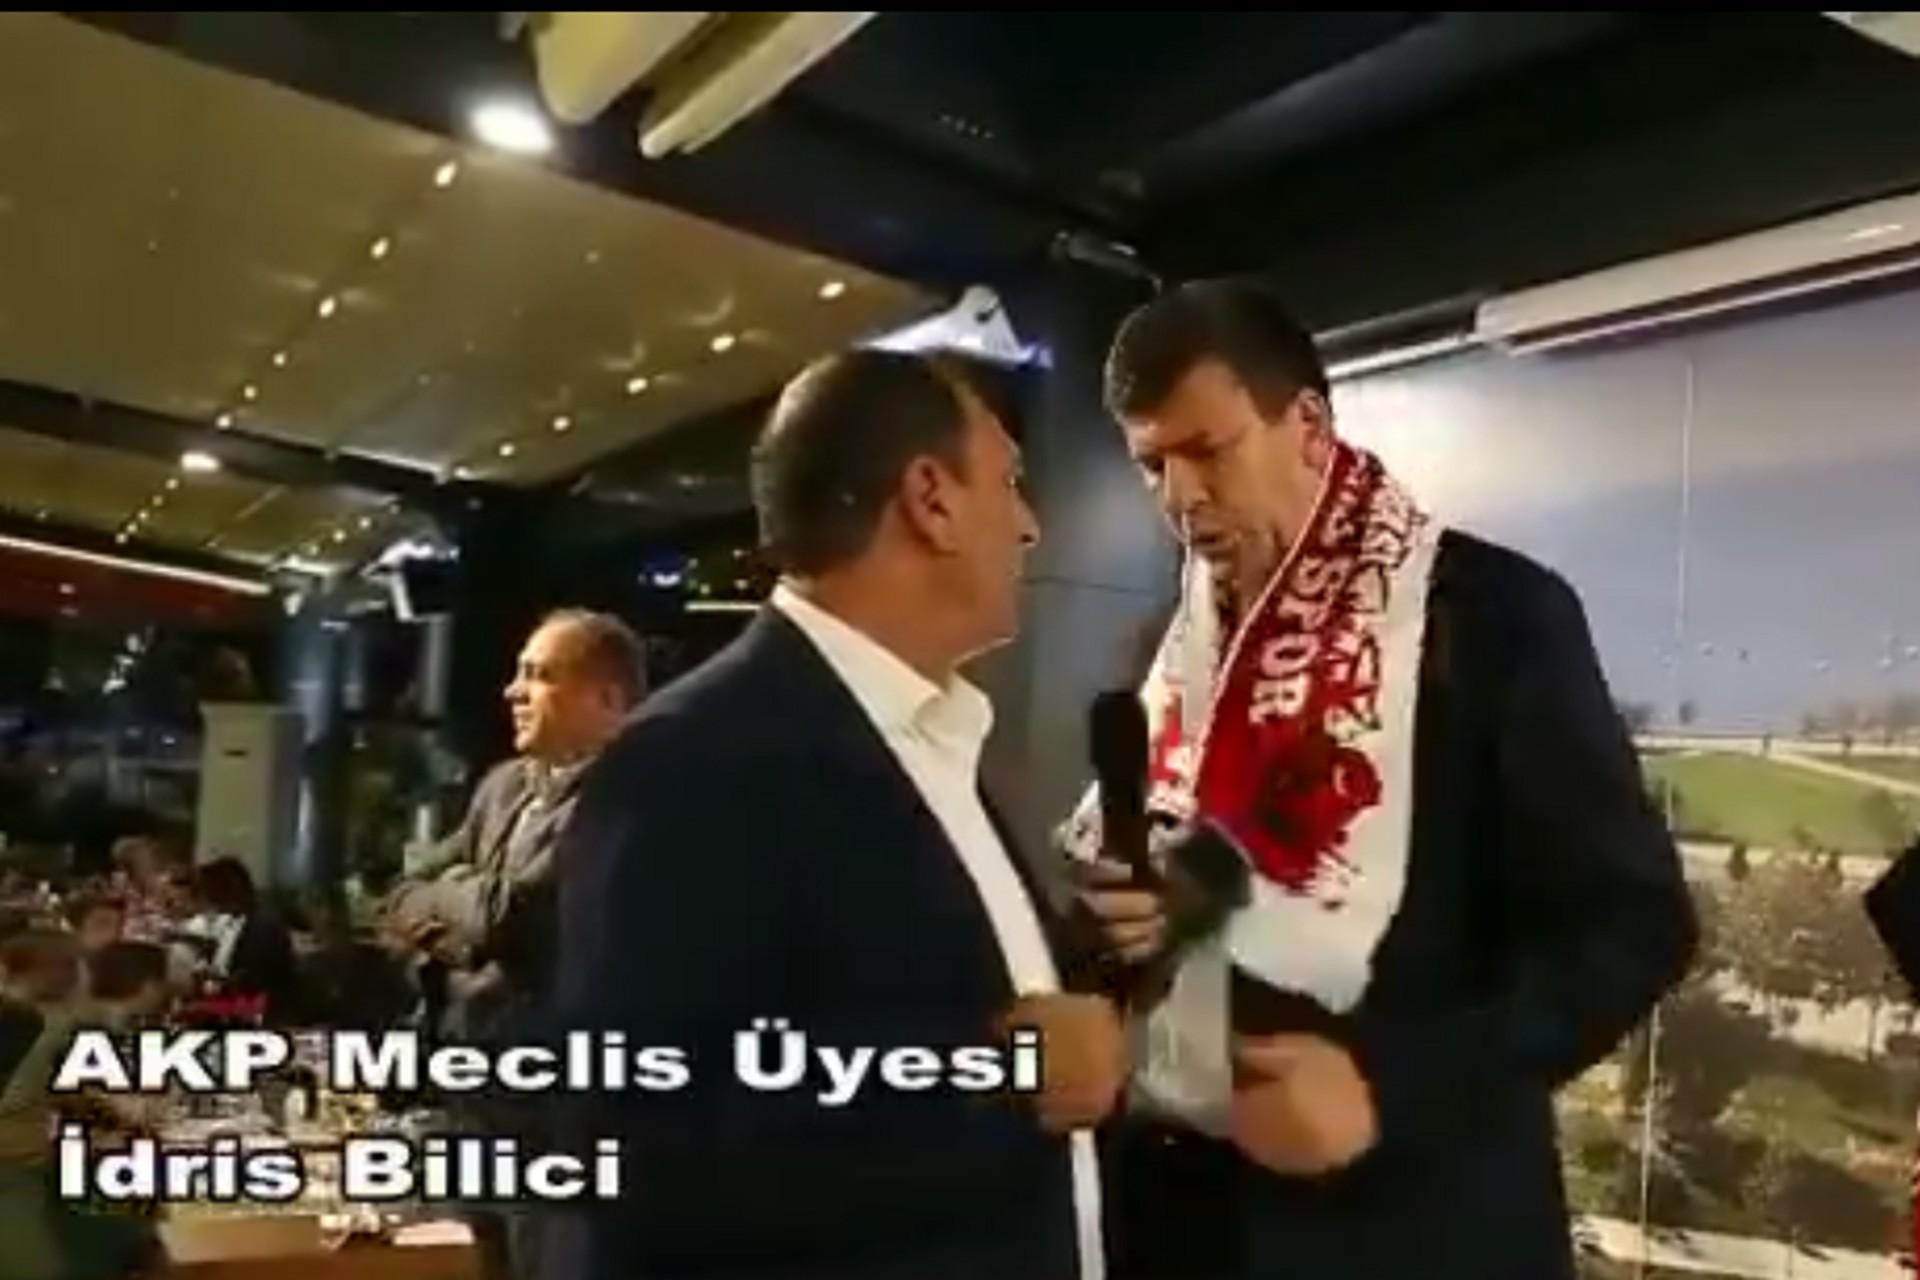 """AKP'li meclis üyesi, Odabaşı'yı """"Yemeği ben verdim"""" diyerek konuşturmadı"""